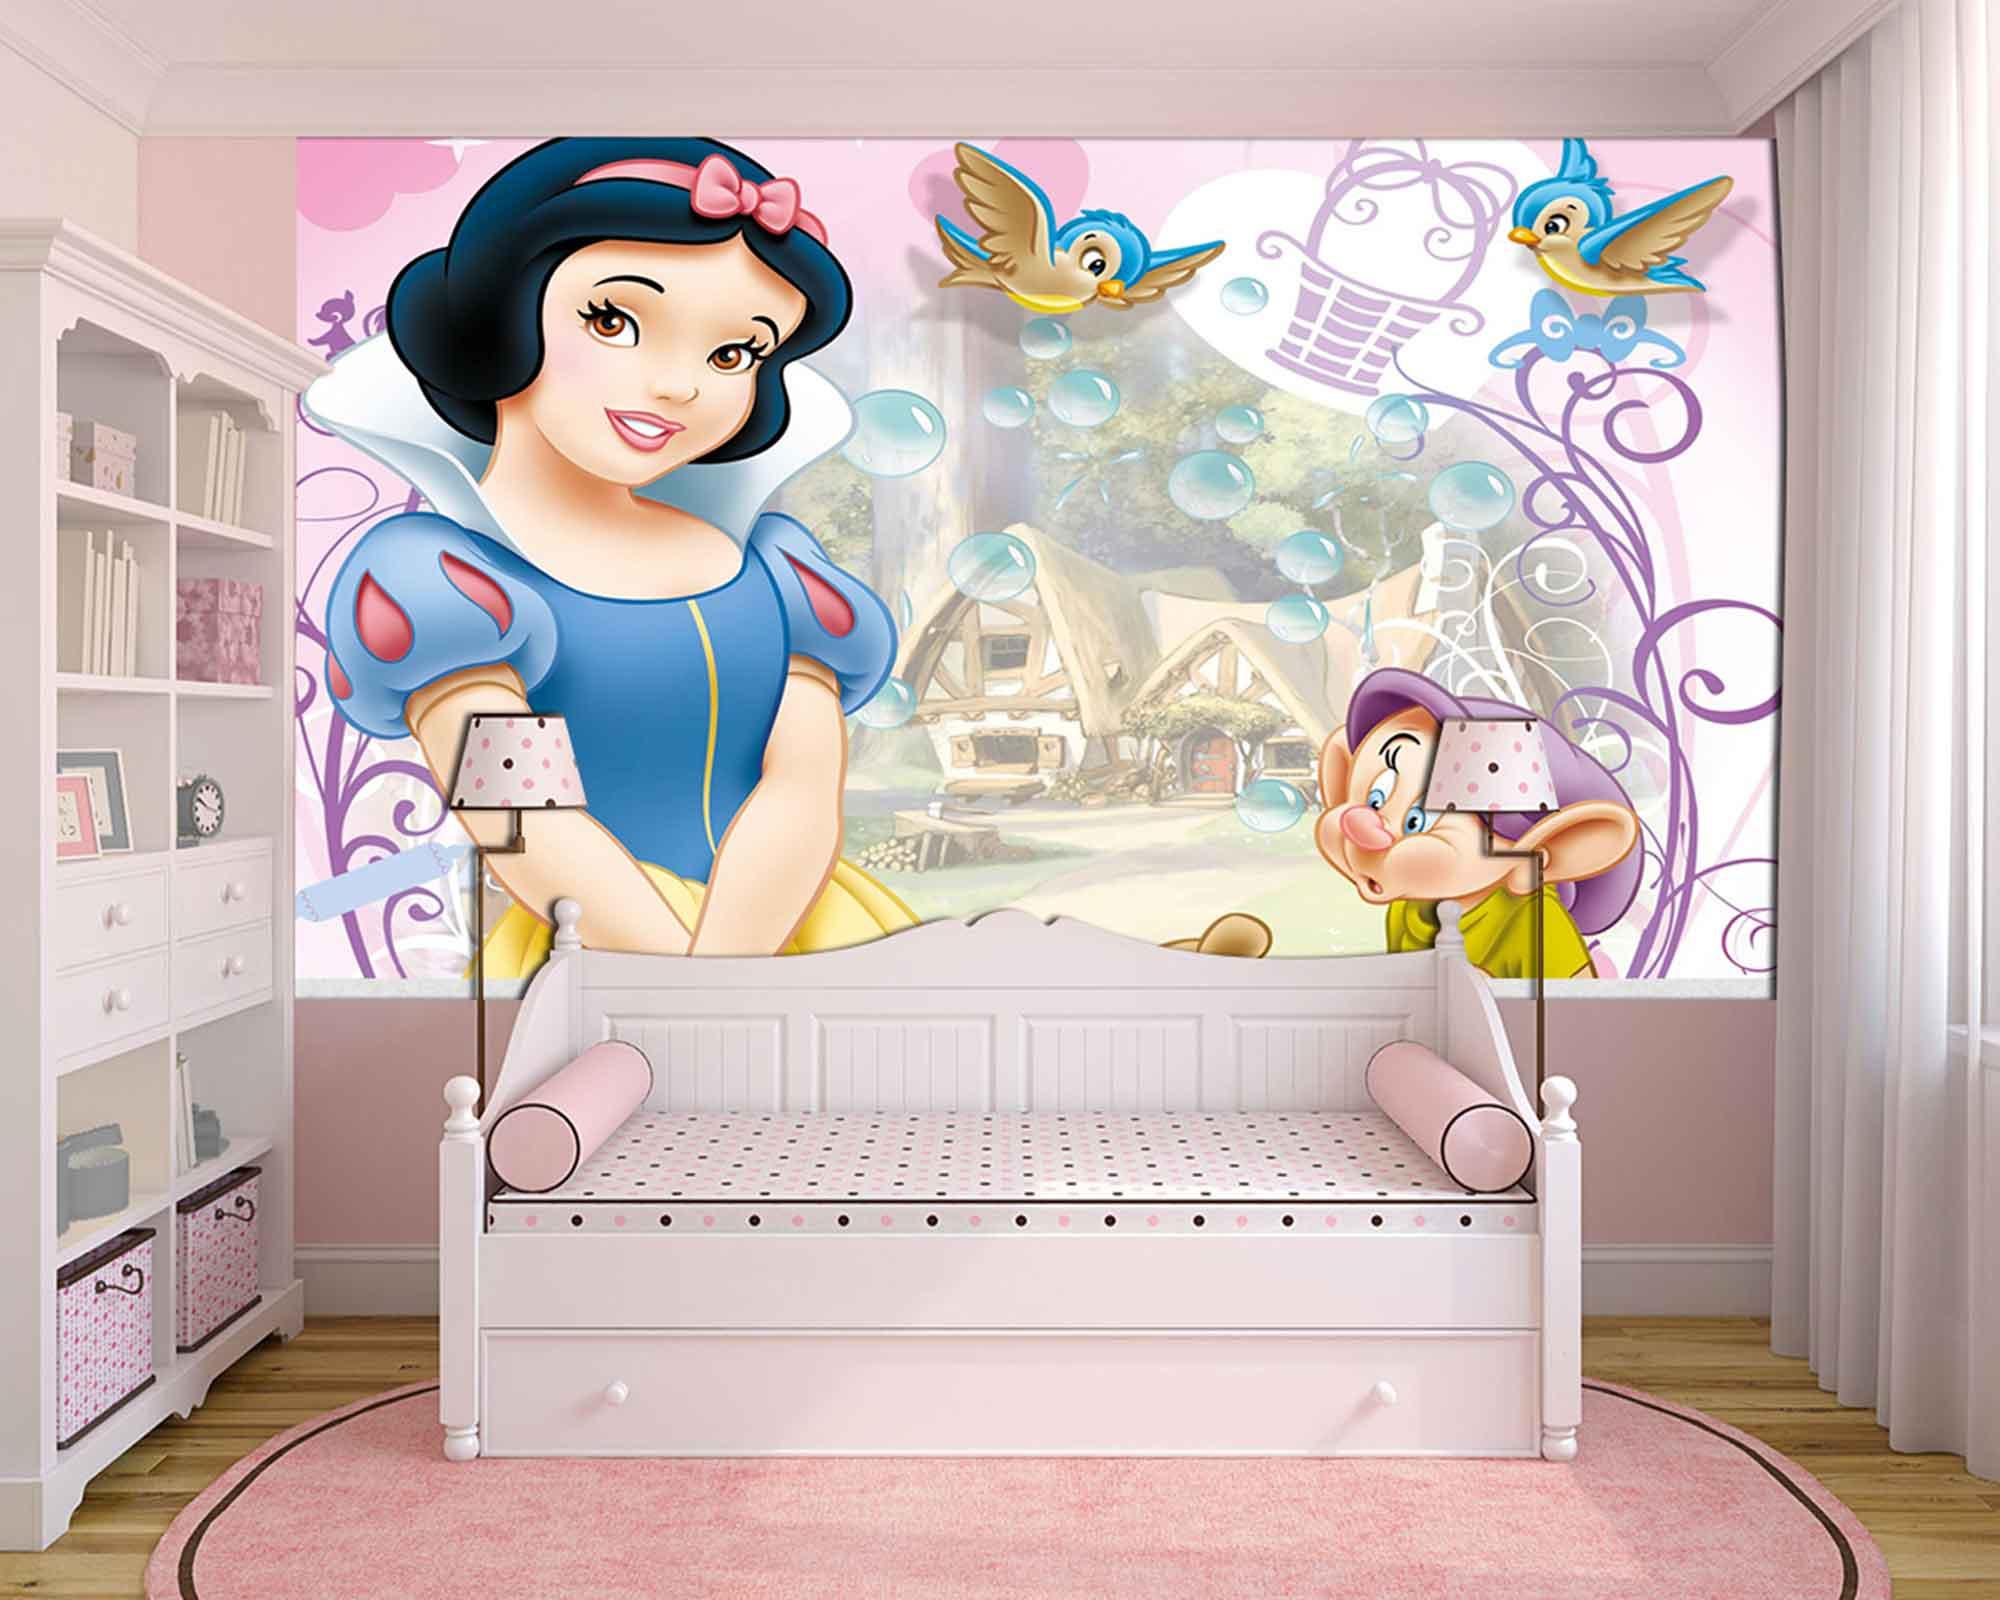 Papel De Parede 3D | Papel de Parede Infantil Branca de Neve 0010 - Sobmedida: m²  - Paredes Decoradas